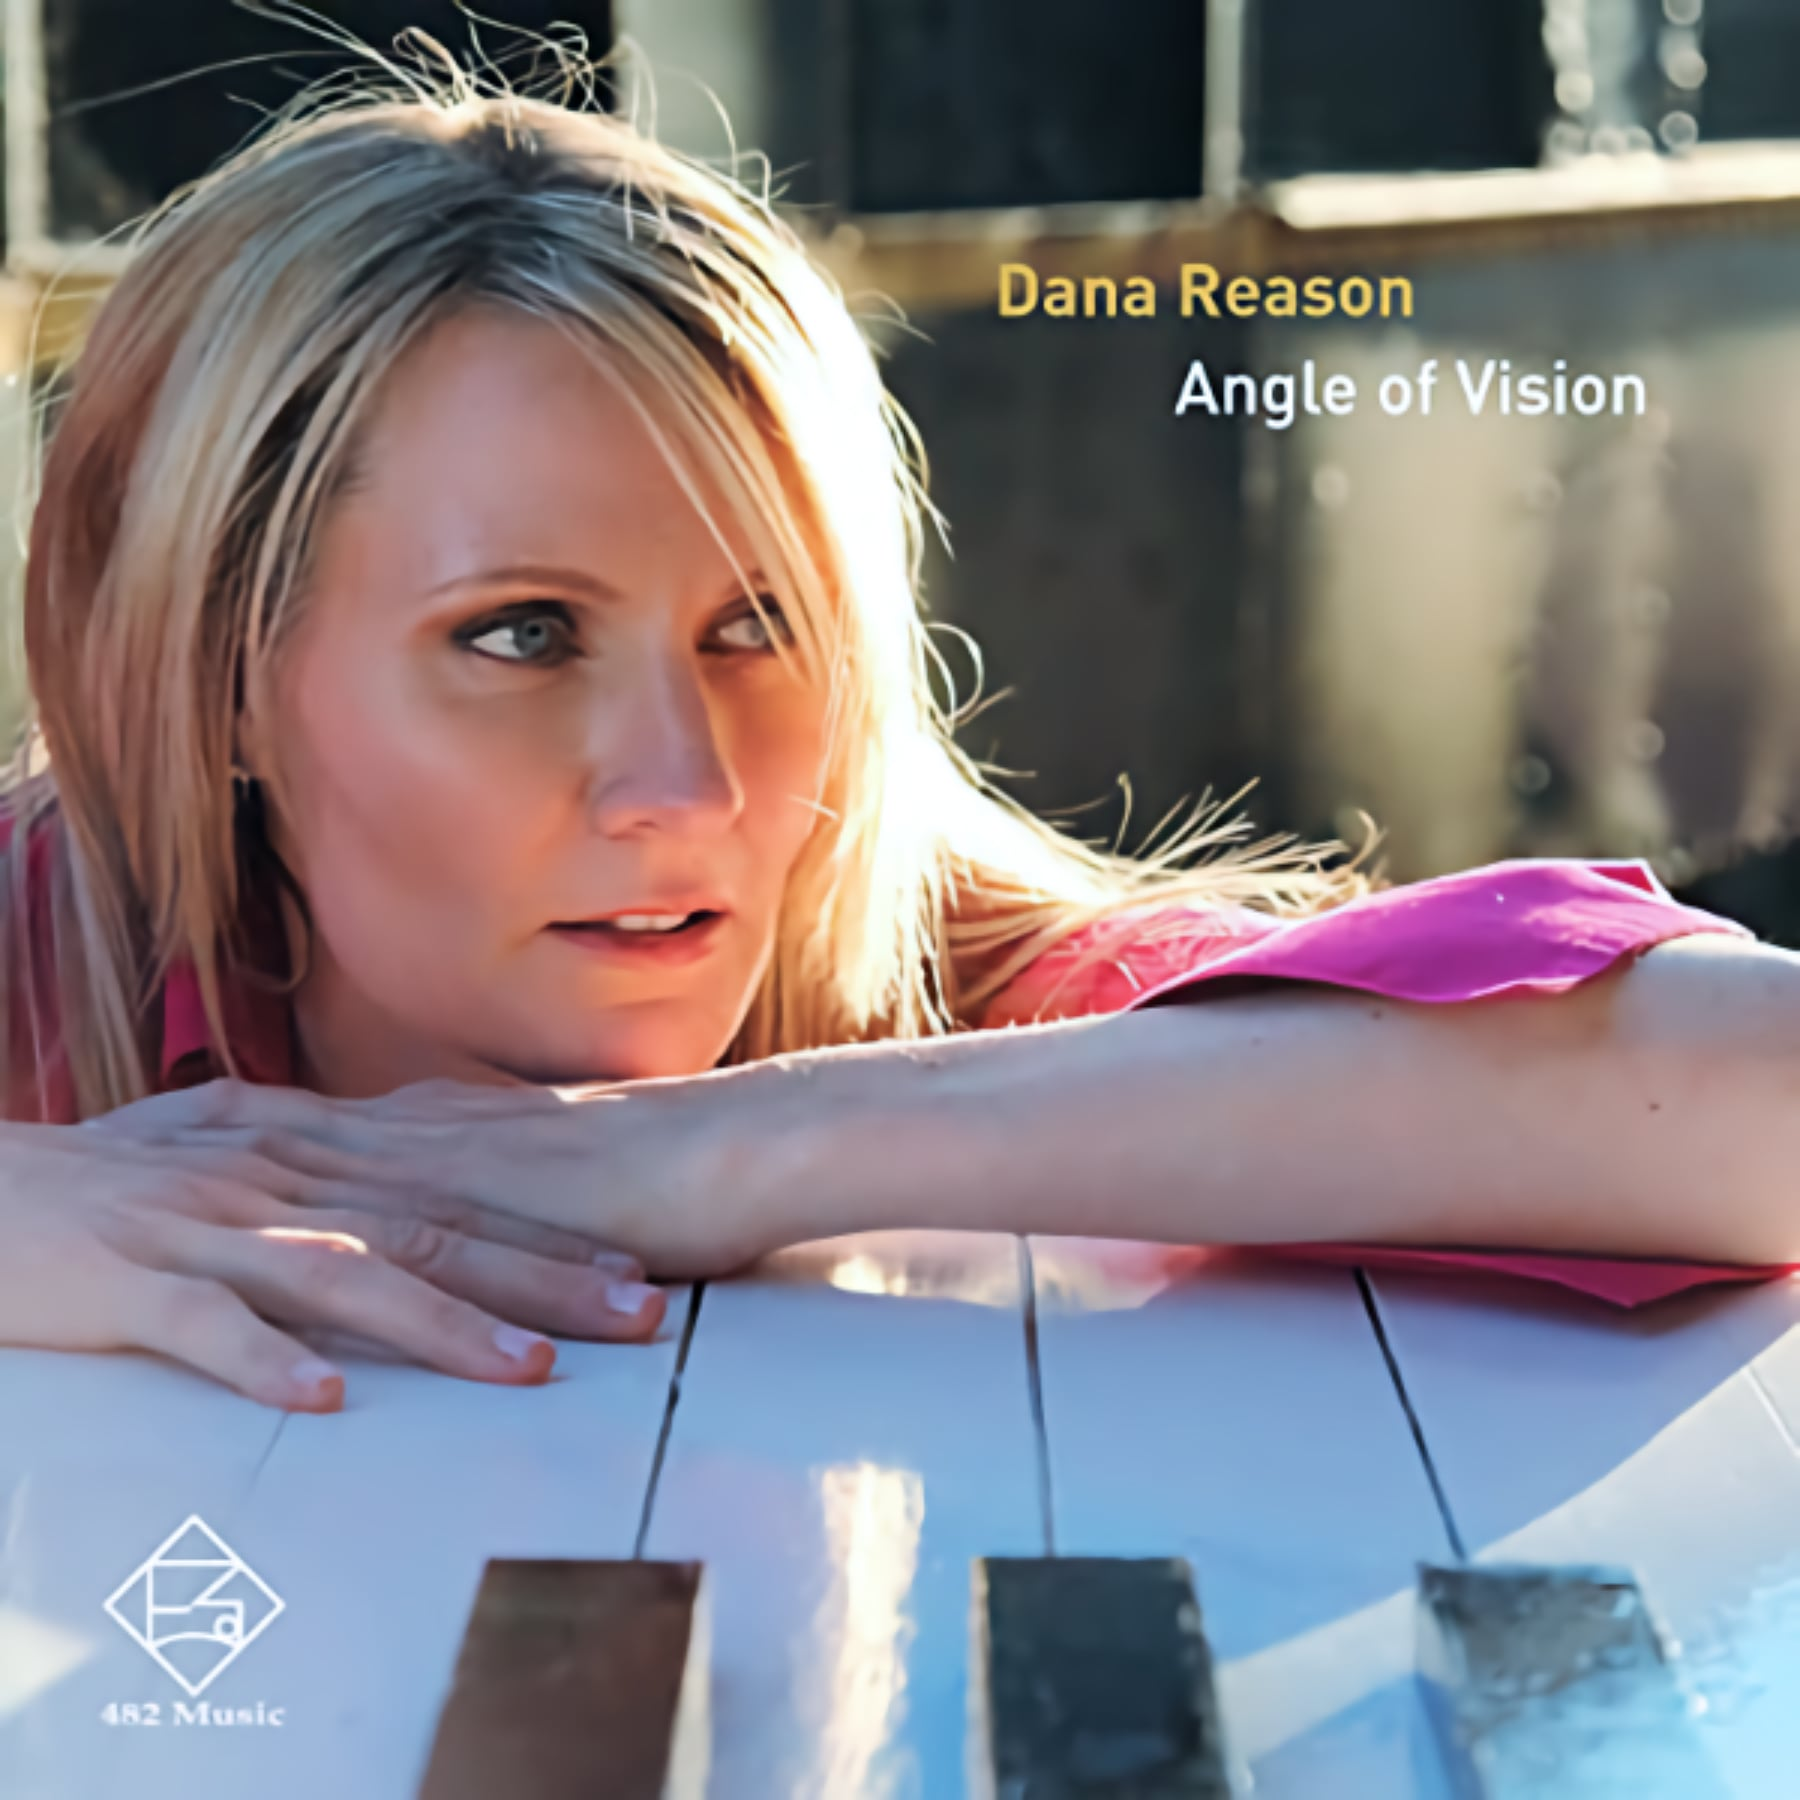 Dana Reason Angle of Vision